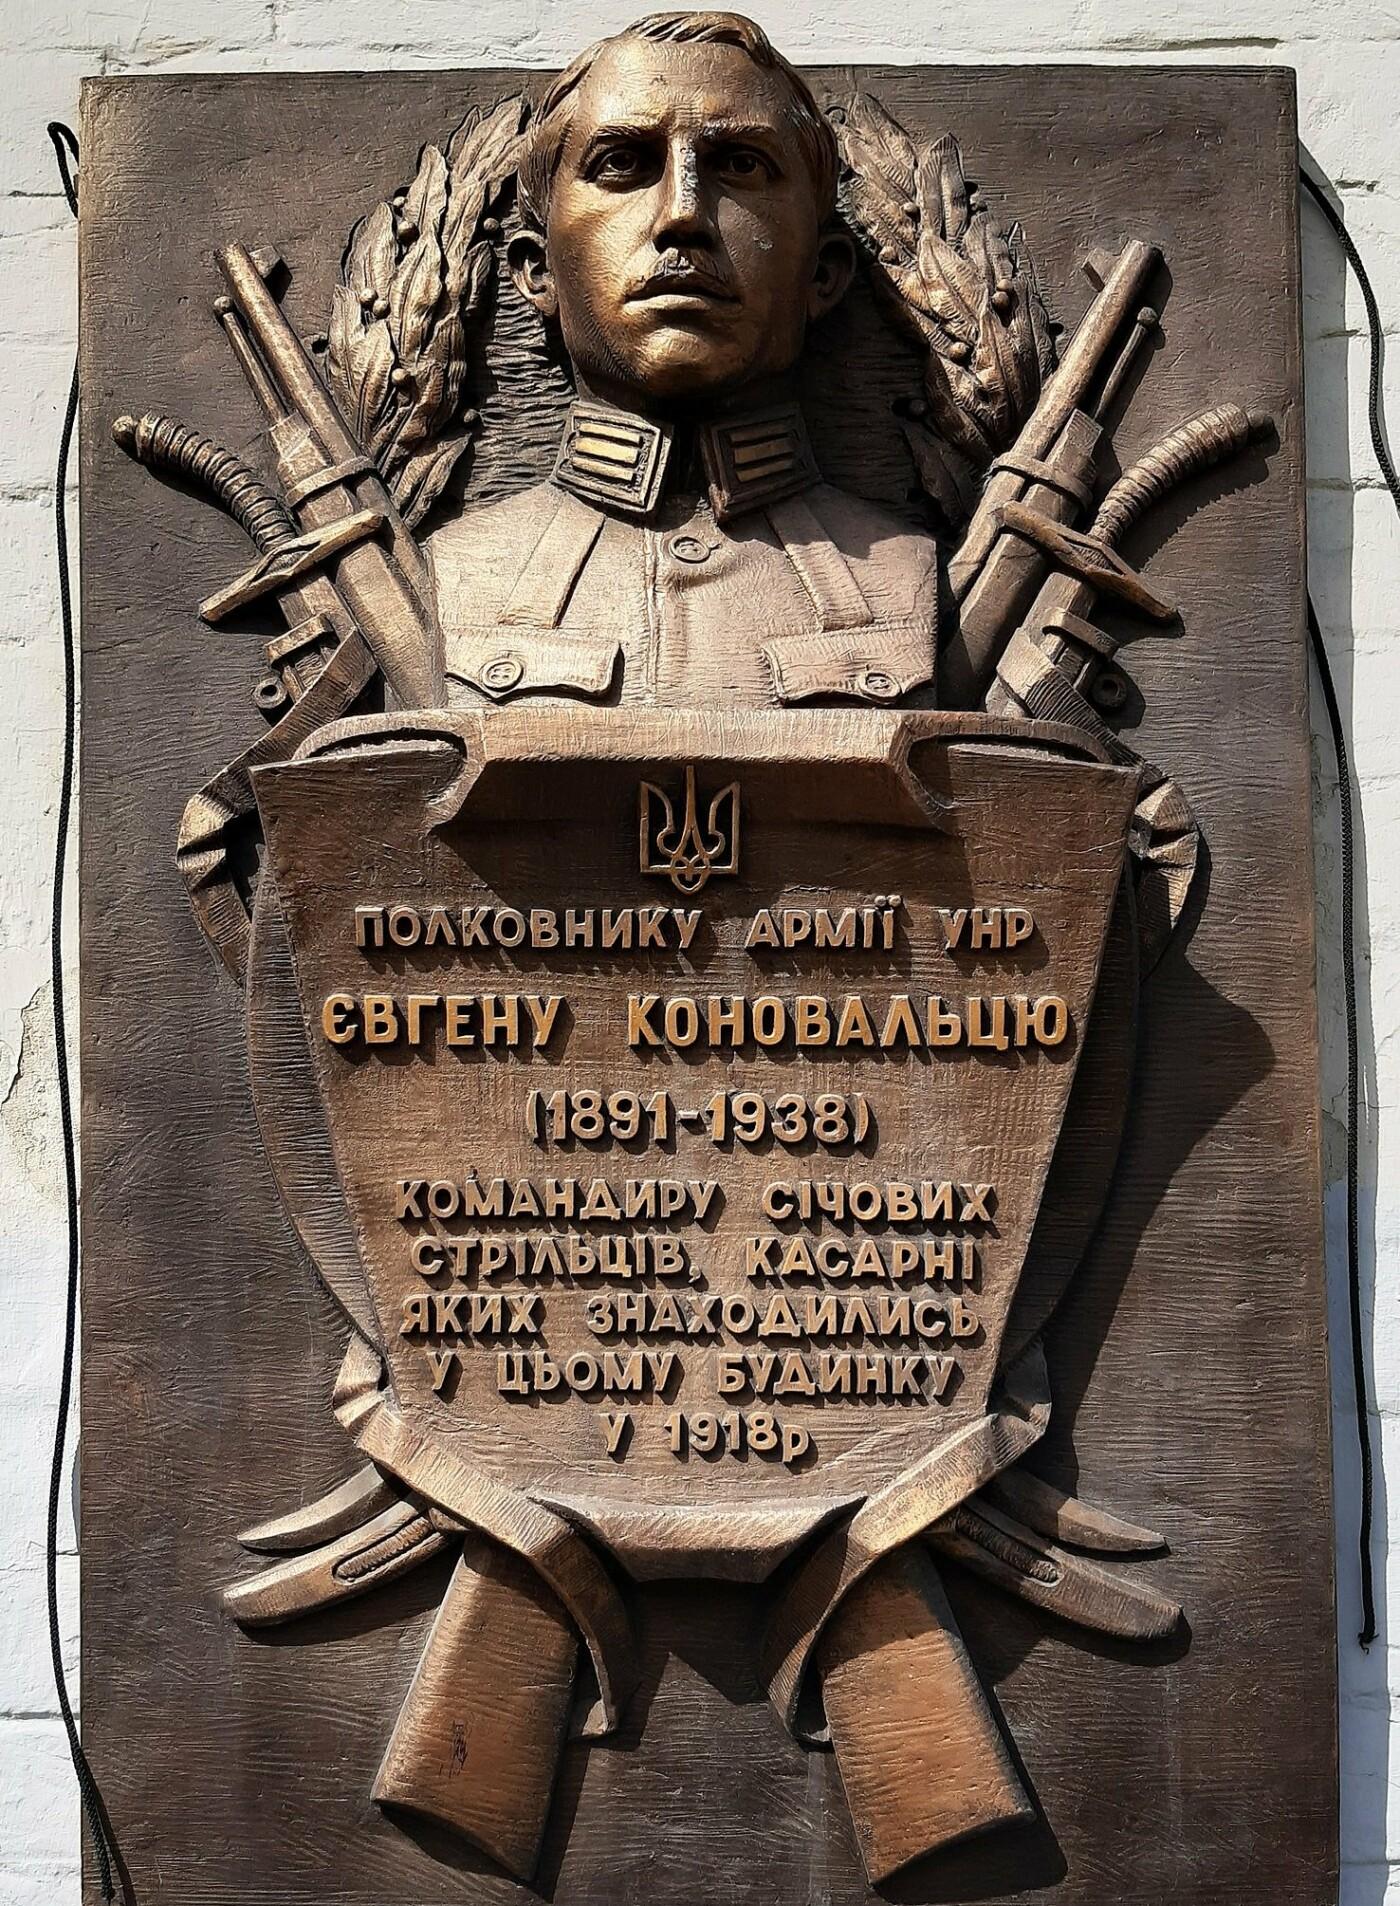 Мемориальная доска Евгению Коновальцу, Фото: Википедия